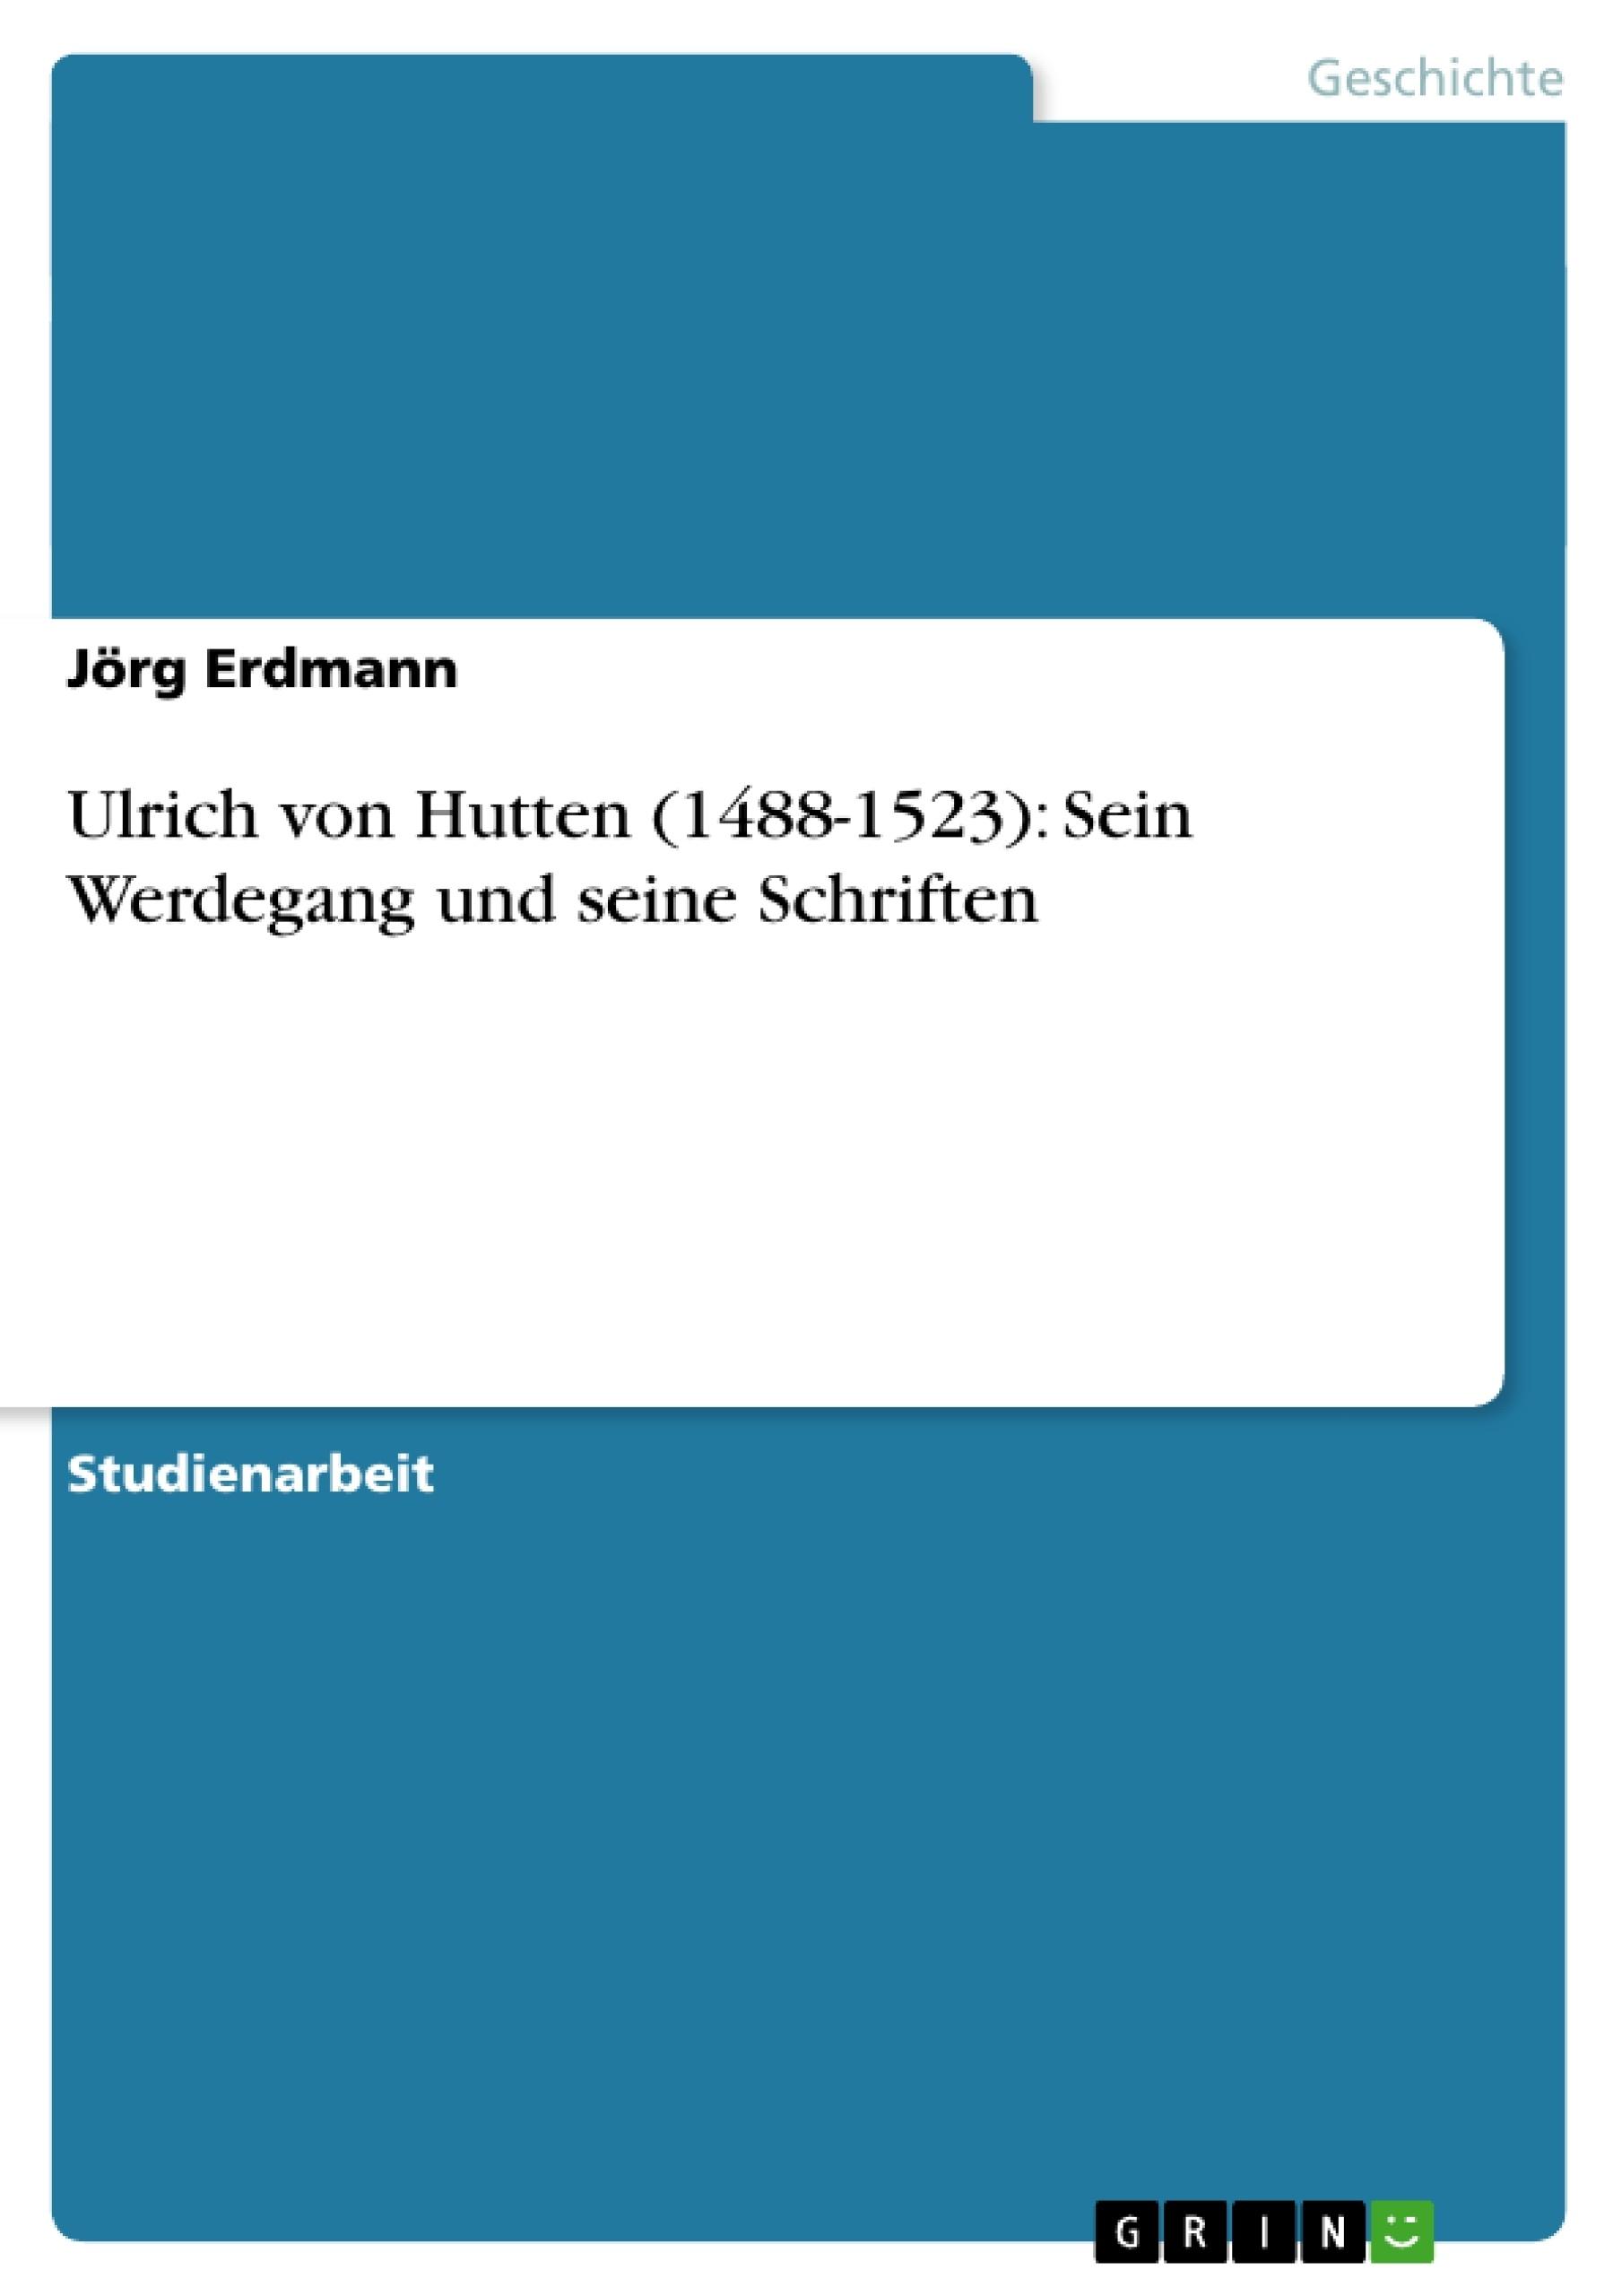 Titel: Ulrich von Hutten (1488-1523): Sein Werdegang und seine Schriften